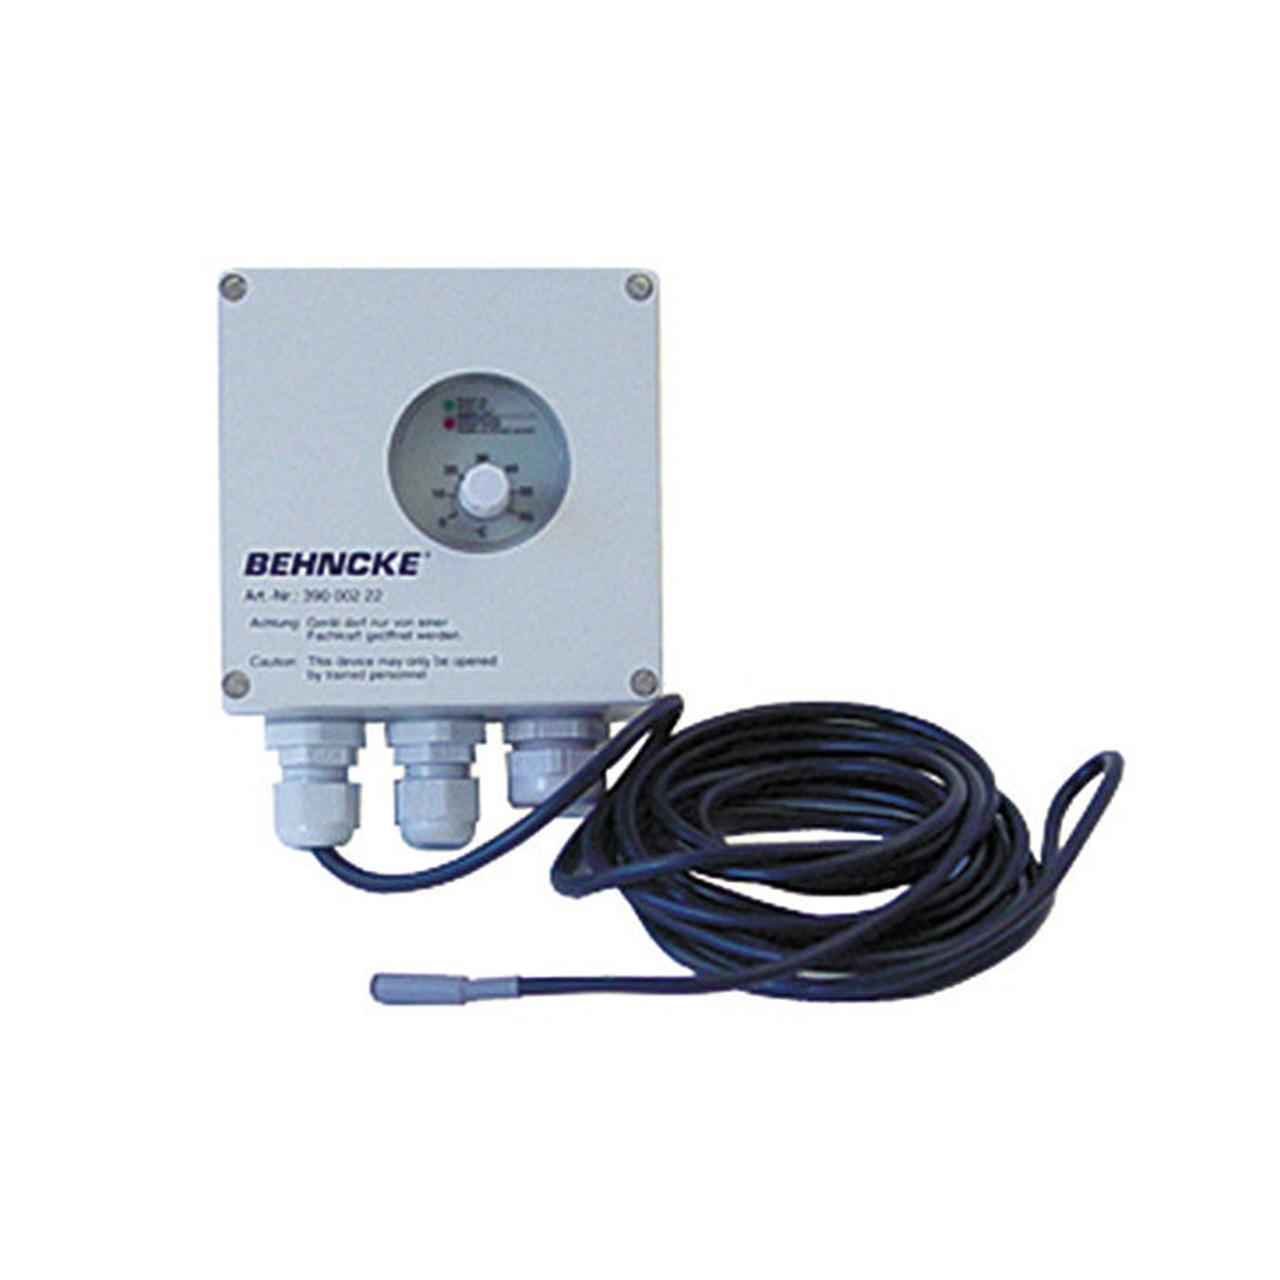 Temperatursteuerung elektronisch 0-60°C